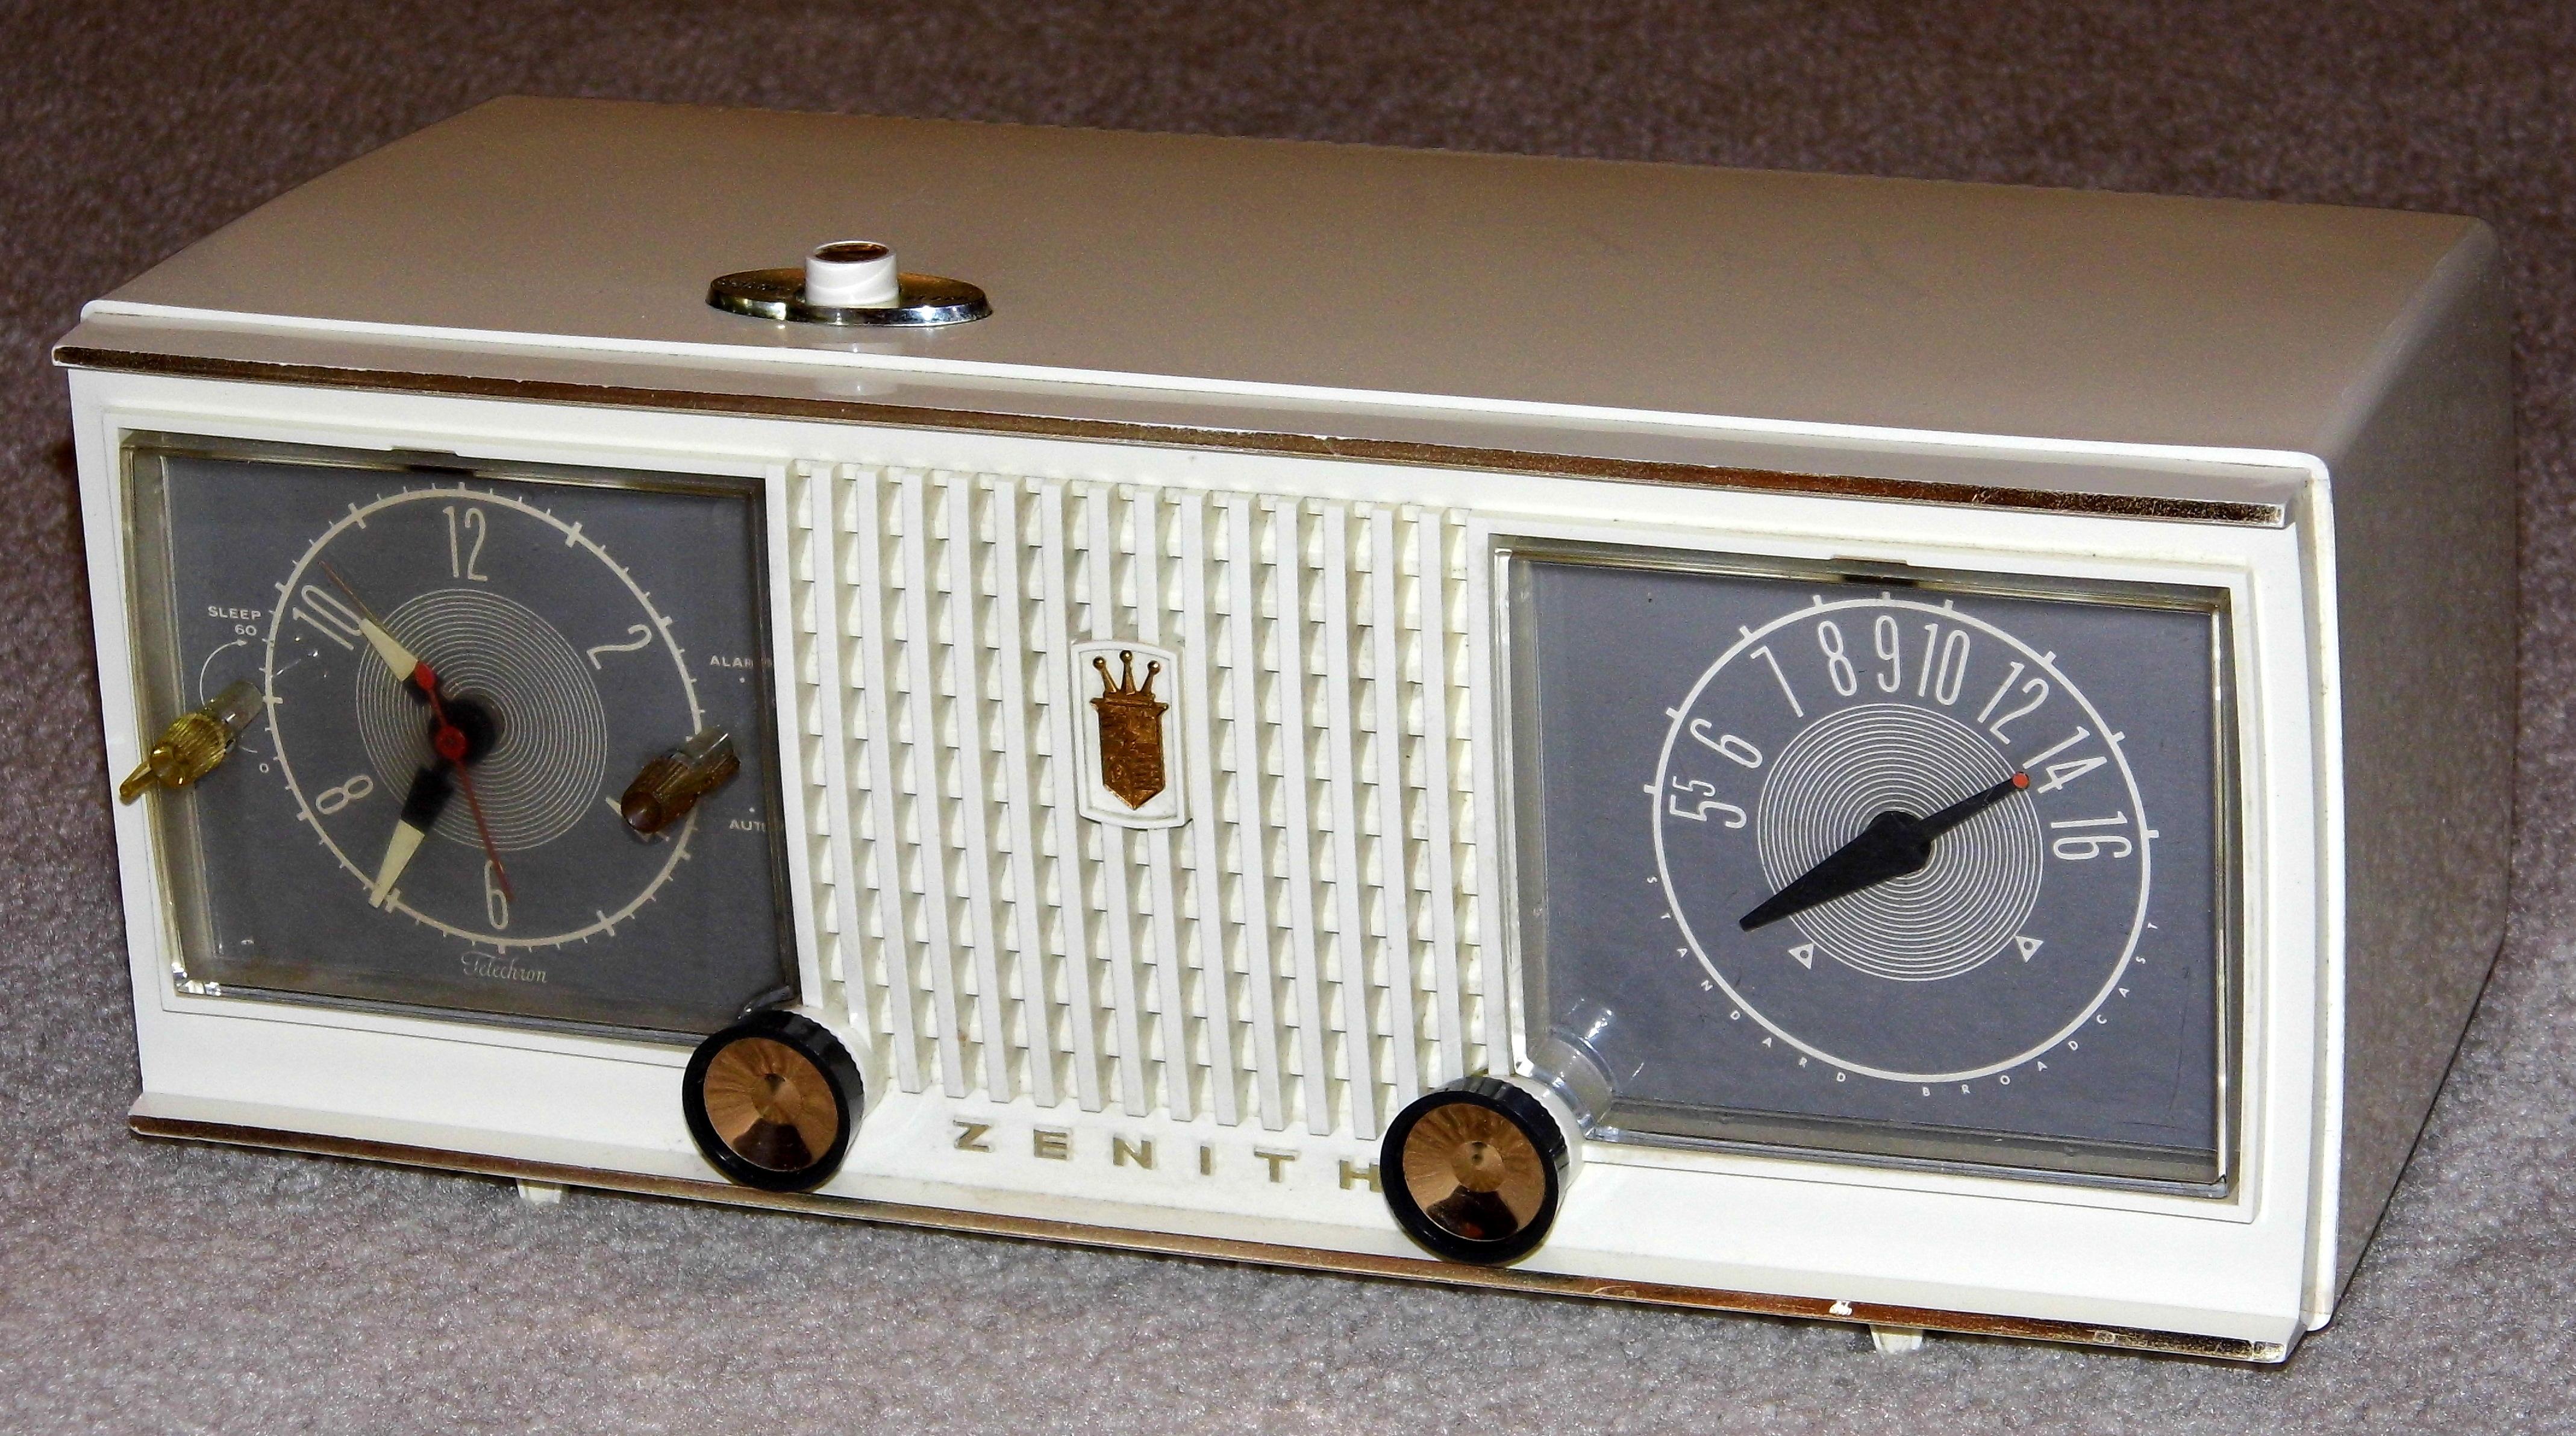 Zenith Z824W Clock Radio/Telephone w/Stereo CD Player ... |Zenith Clock Radio